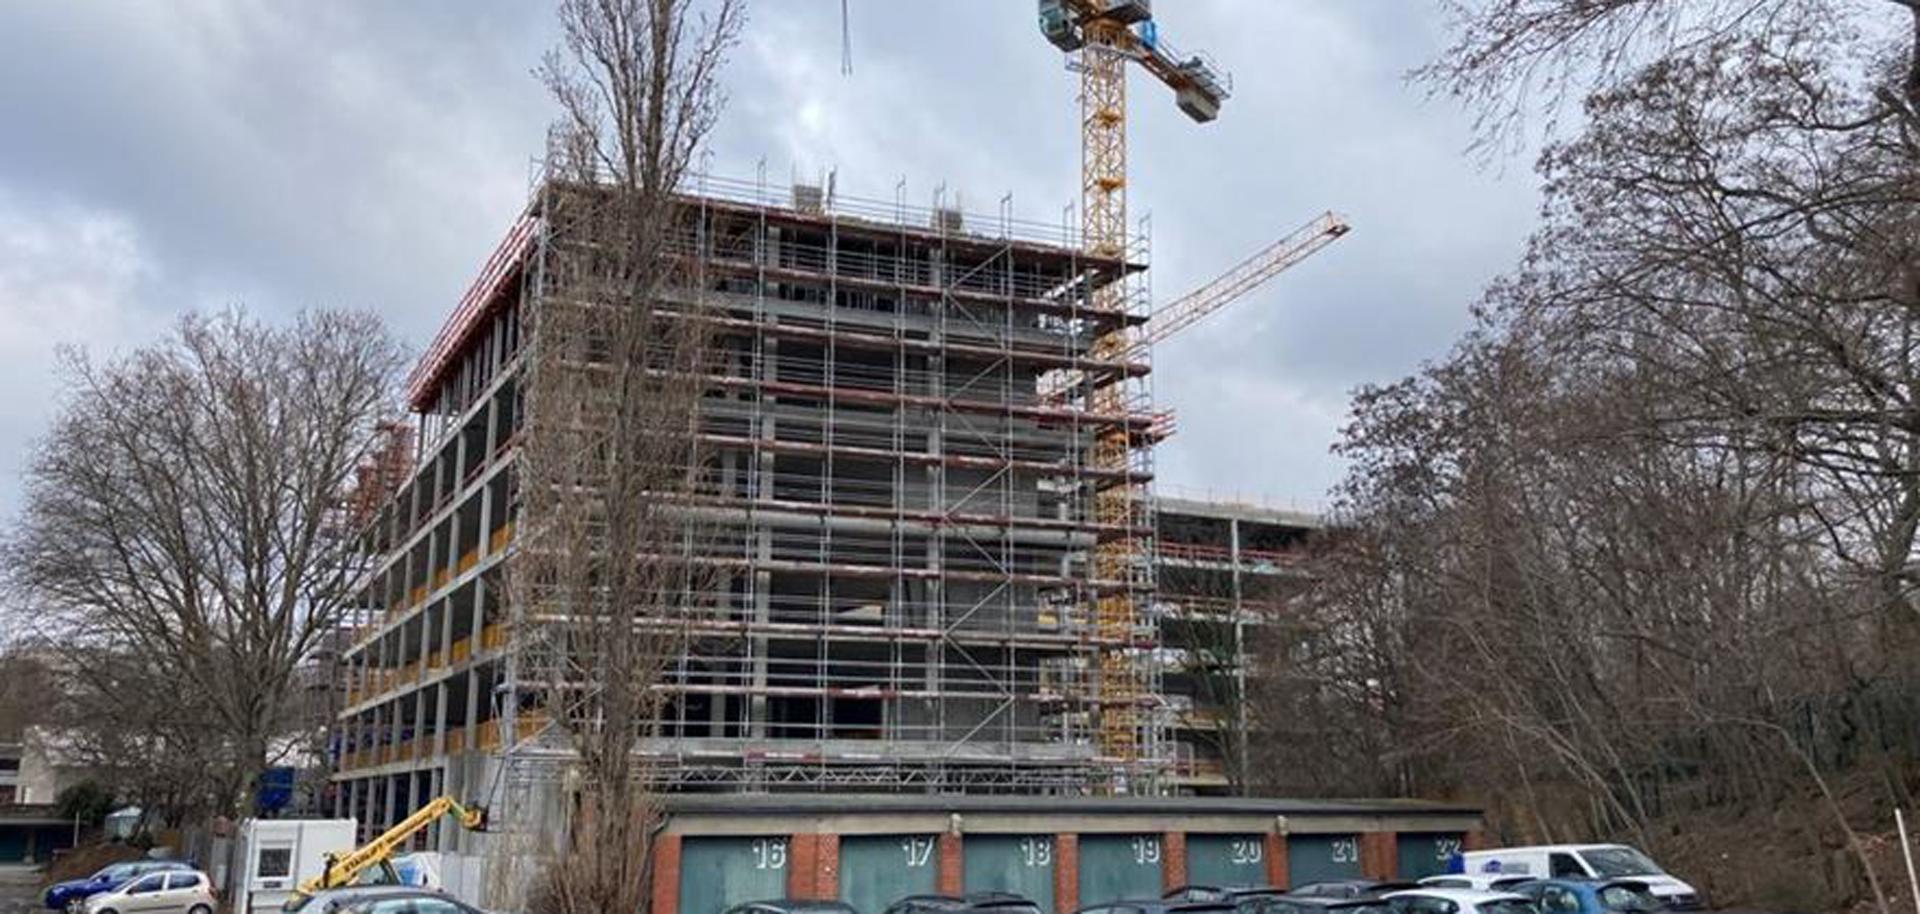 Blick auf die Baustelle - Bürogebäude Hallesches Ufer